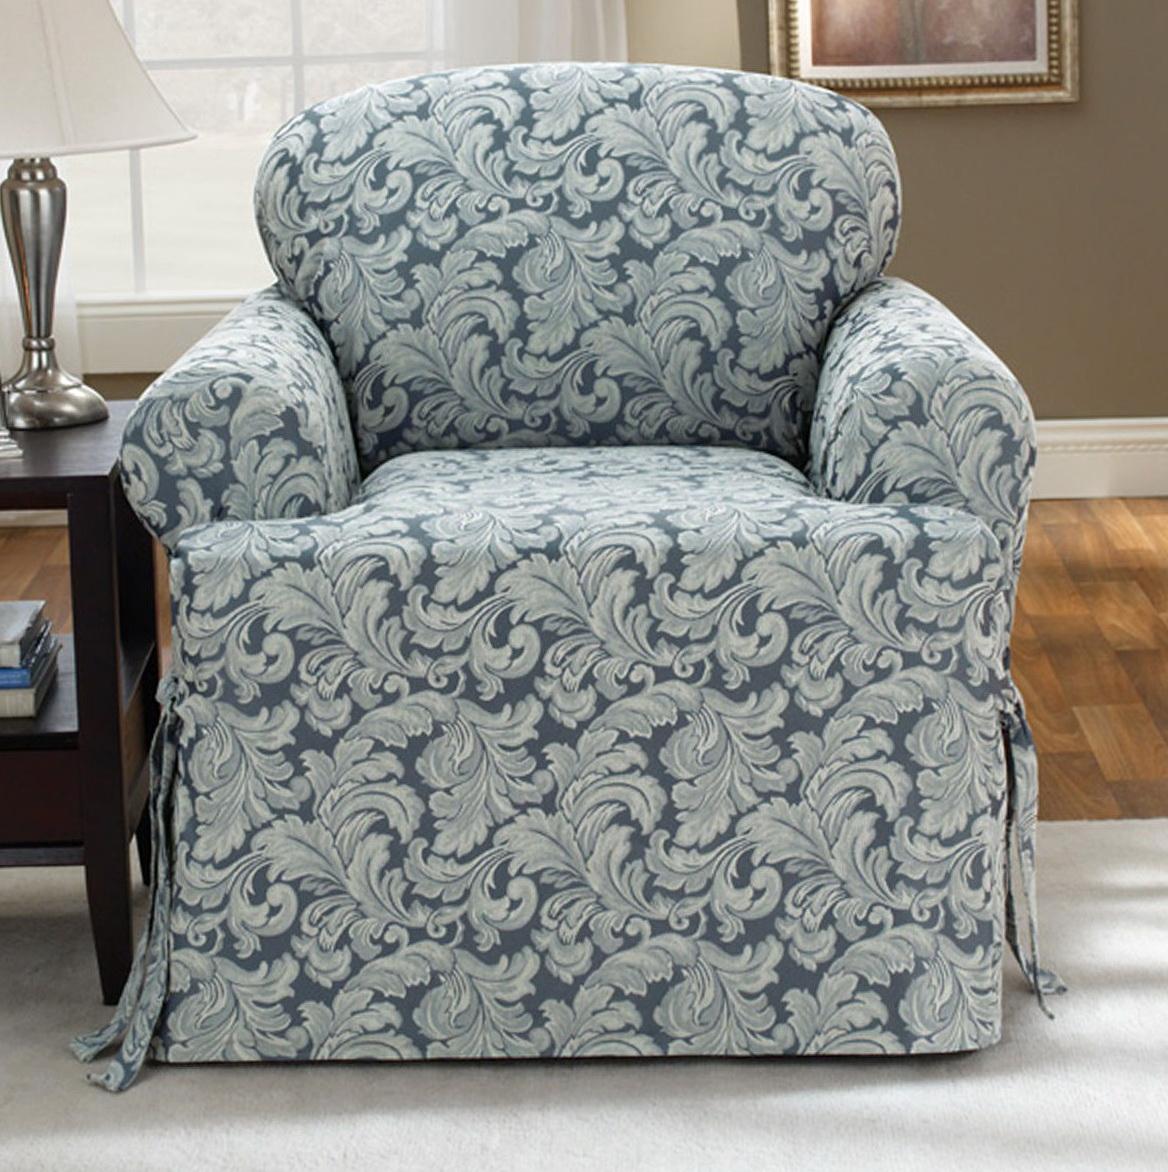 T Cushion Chair Slipcover Pattern Home Design Ideas